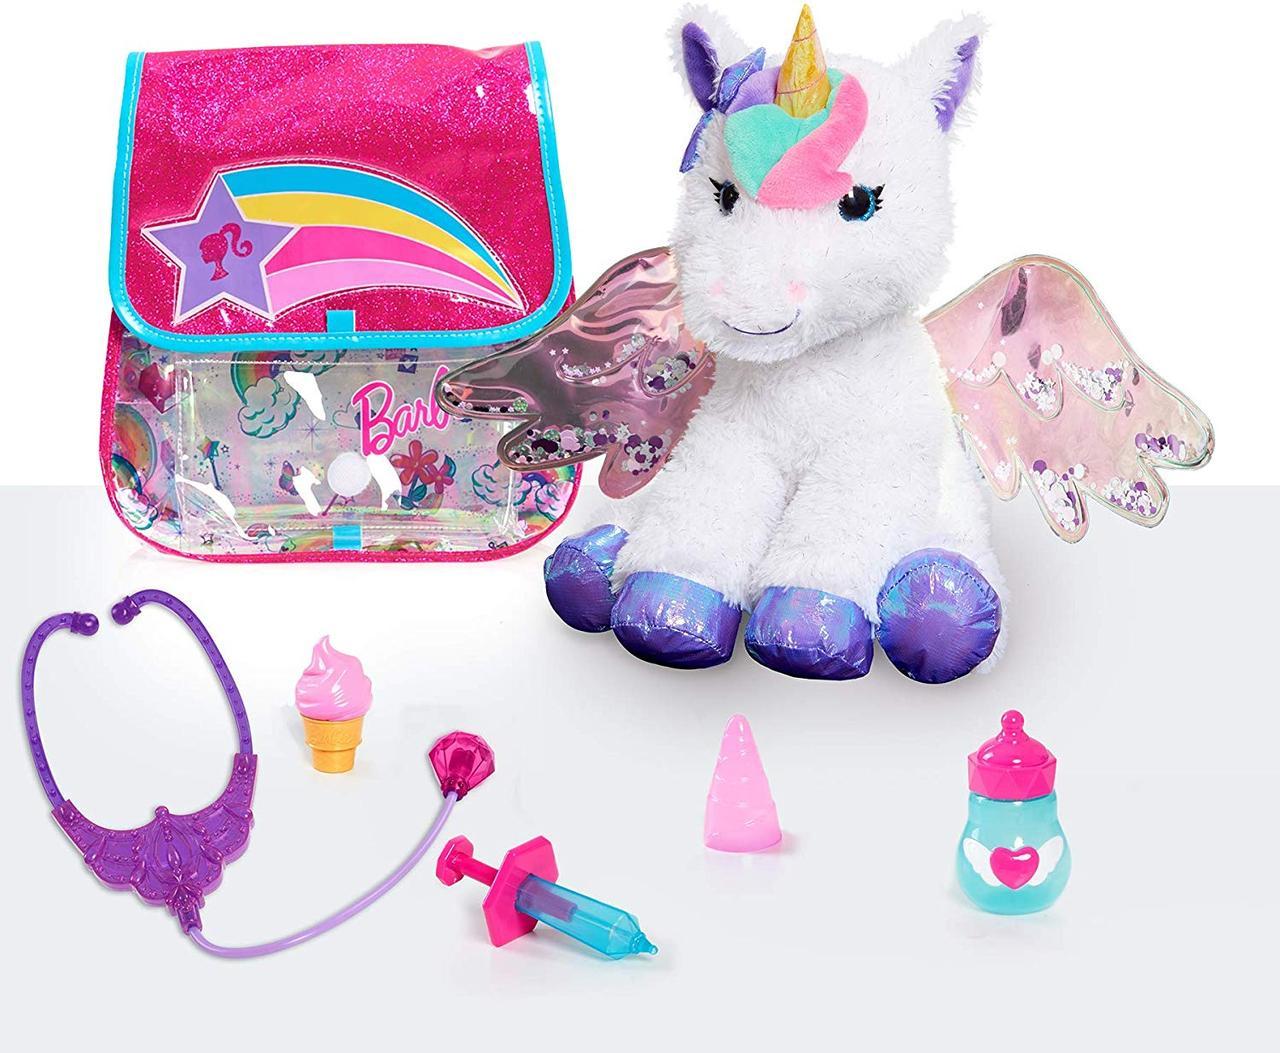 Интерактивный единорог, Единорог и ветеринарный набор, Единорог Барби, Barbie Unicorn Doctor Set